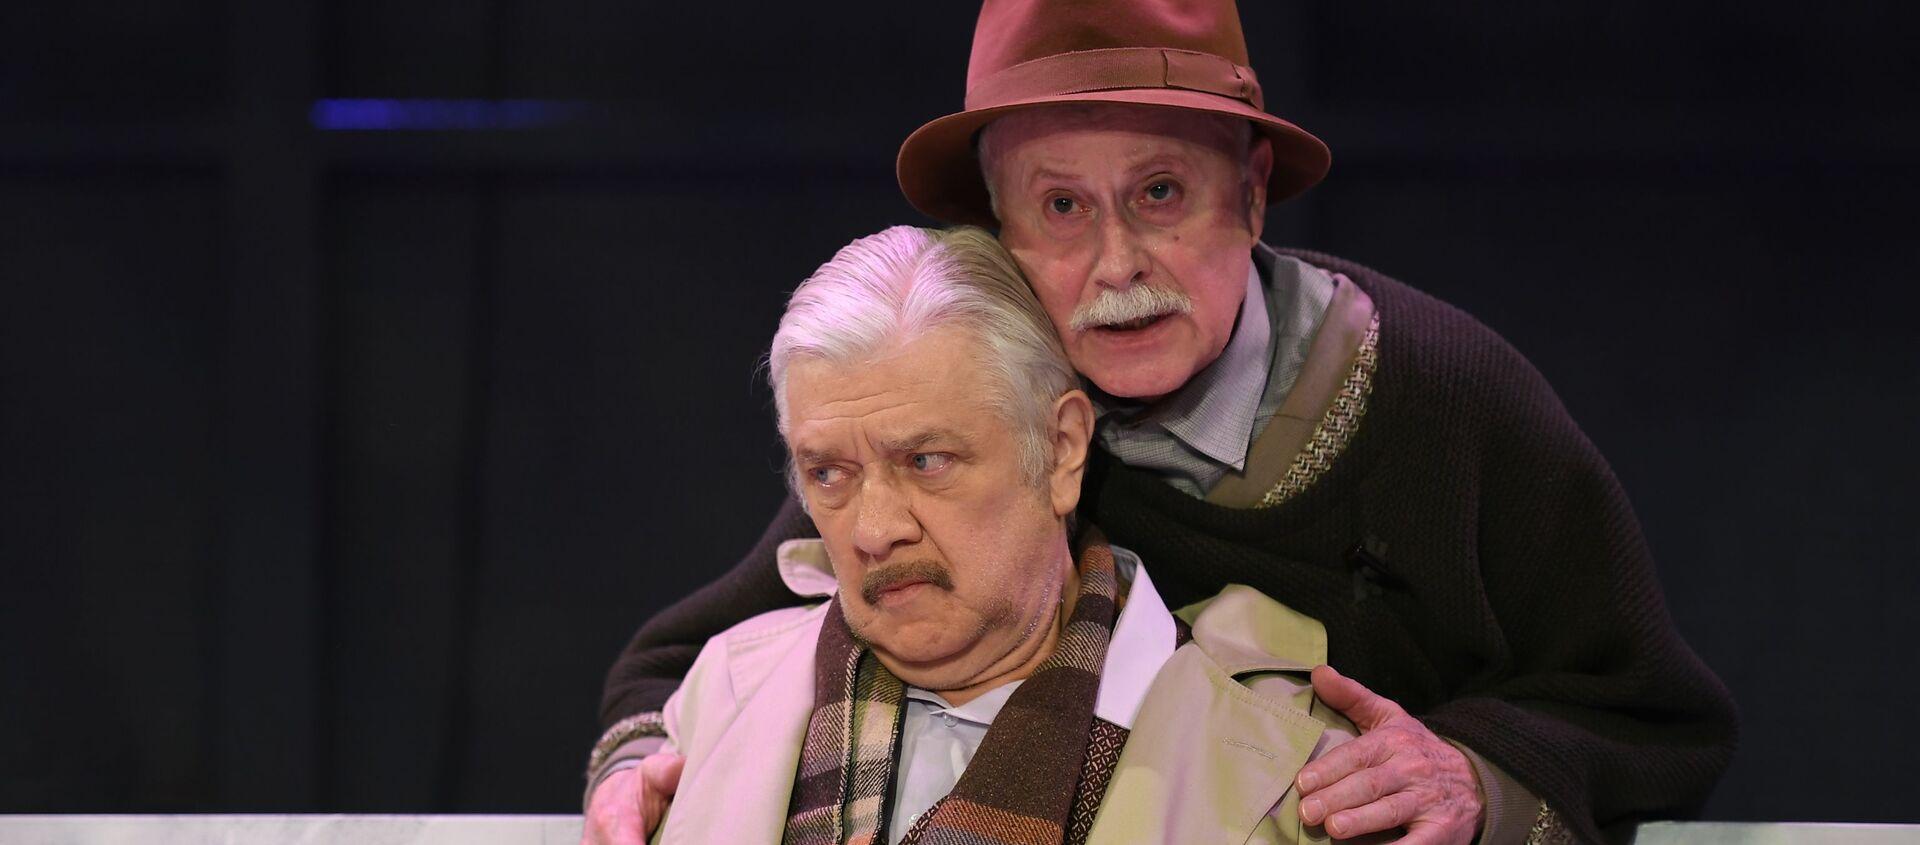 Актеры Александр Дик (слева) и Виталий Стремовский (справа) - Sputnik Грузия, 1920, 19.03.2021